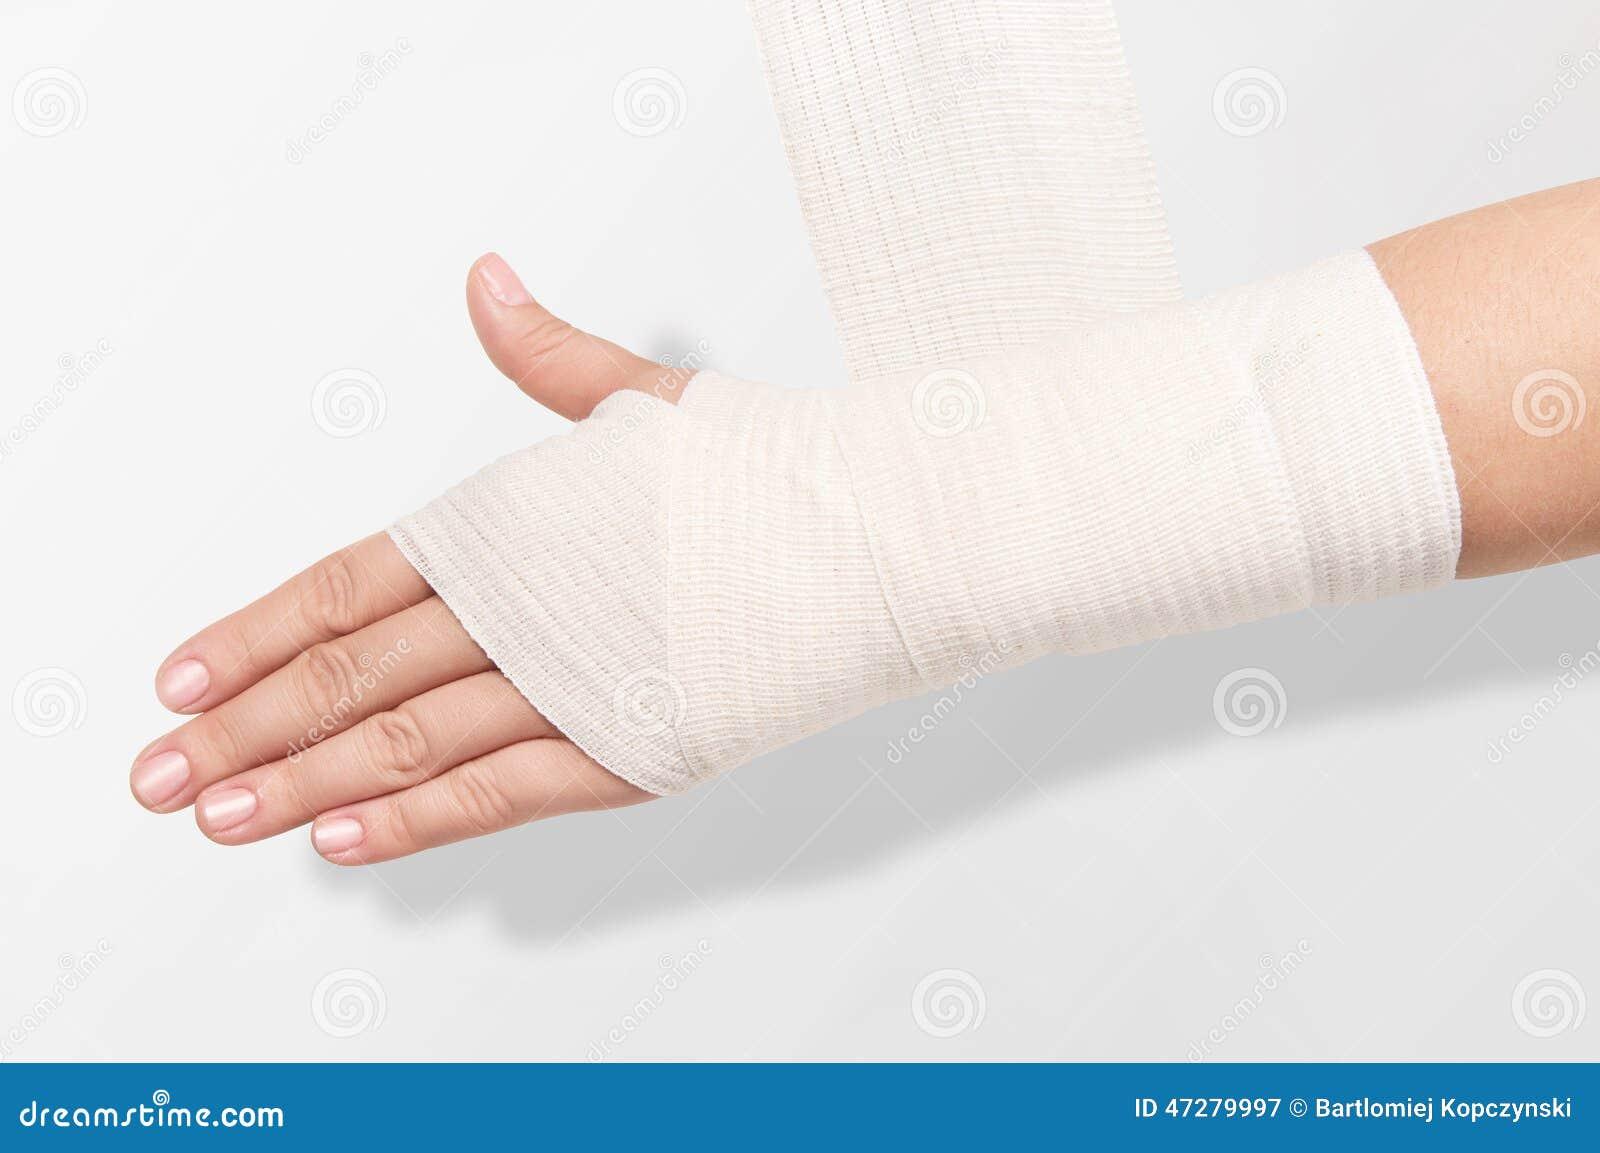 Elastic Bandage On The Hand Stock Image Image Of Medicine Limb